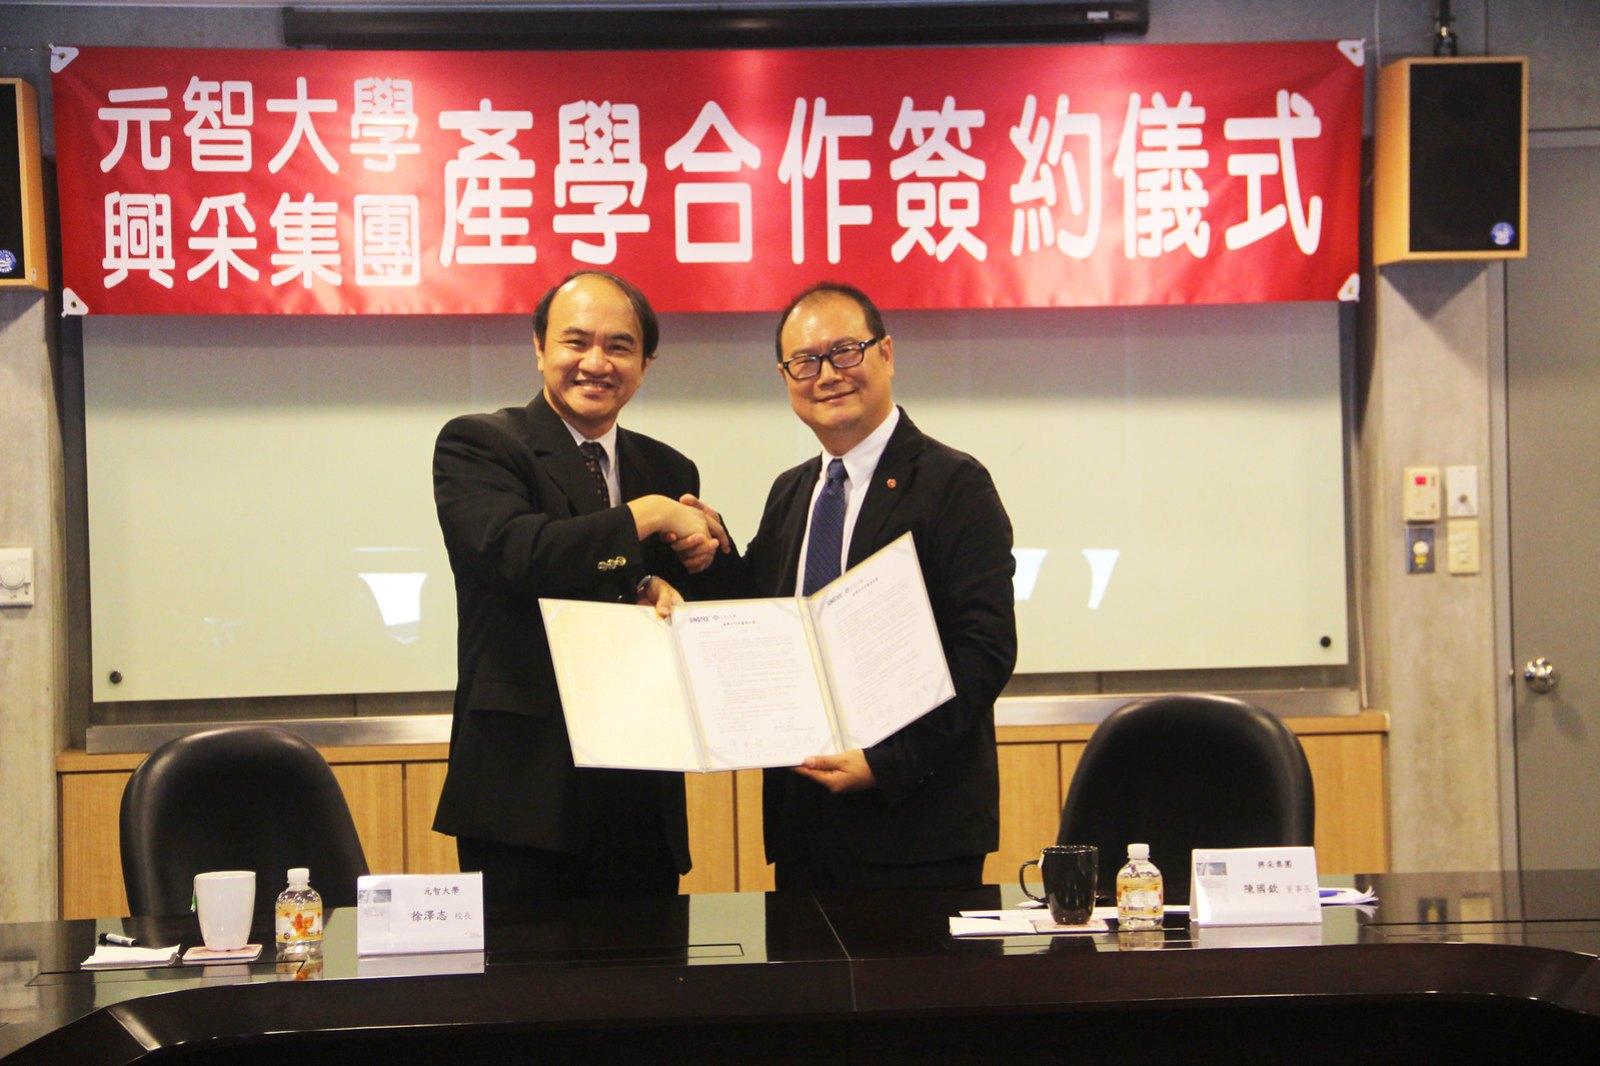 元智大學代理校長徐澤志(左)與興采集團陳國欽董事長(右)簽訂產學合作MOU